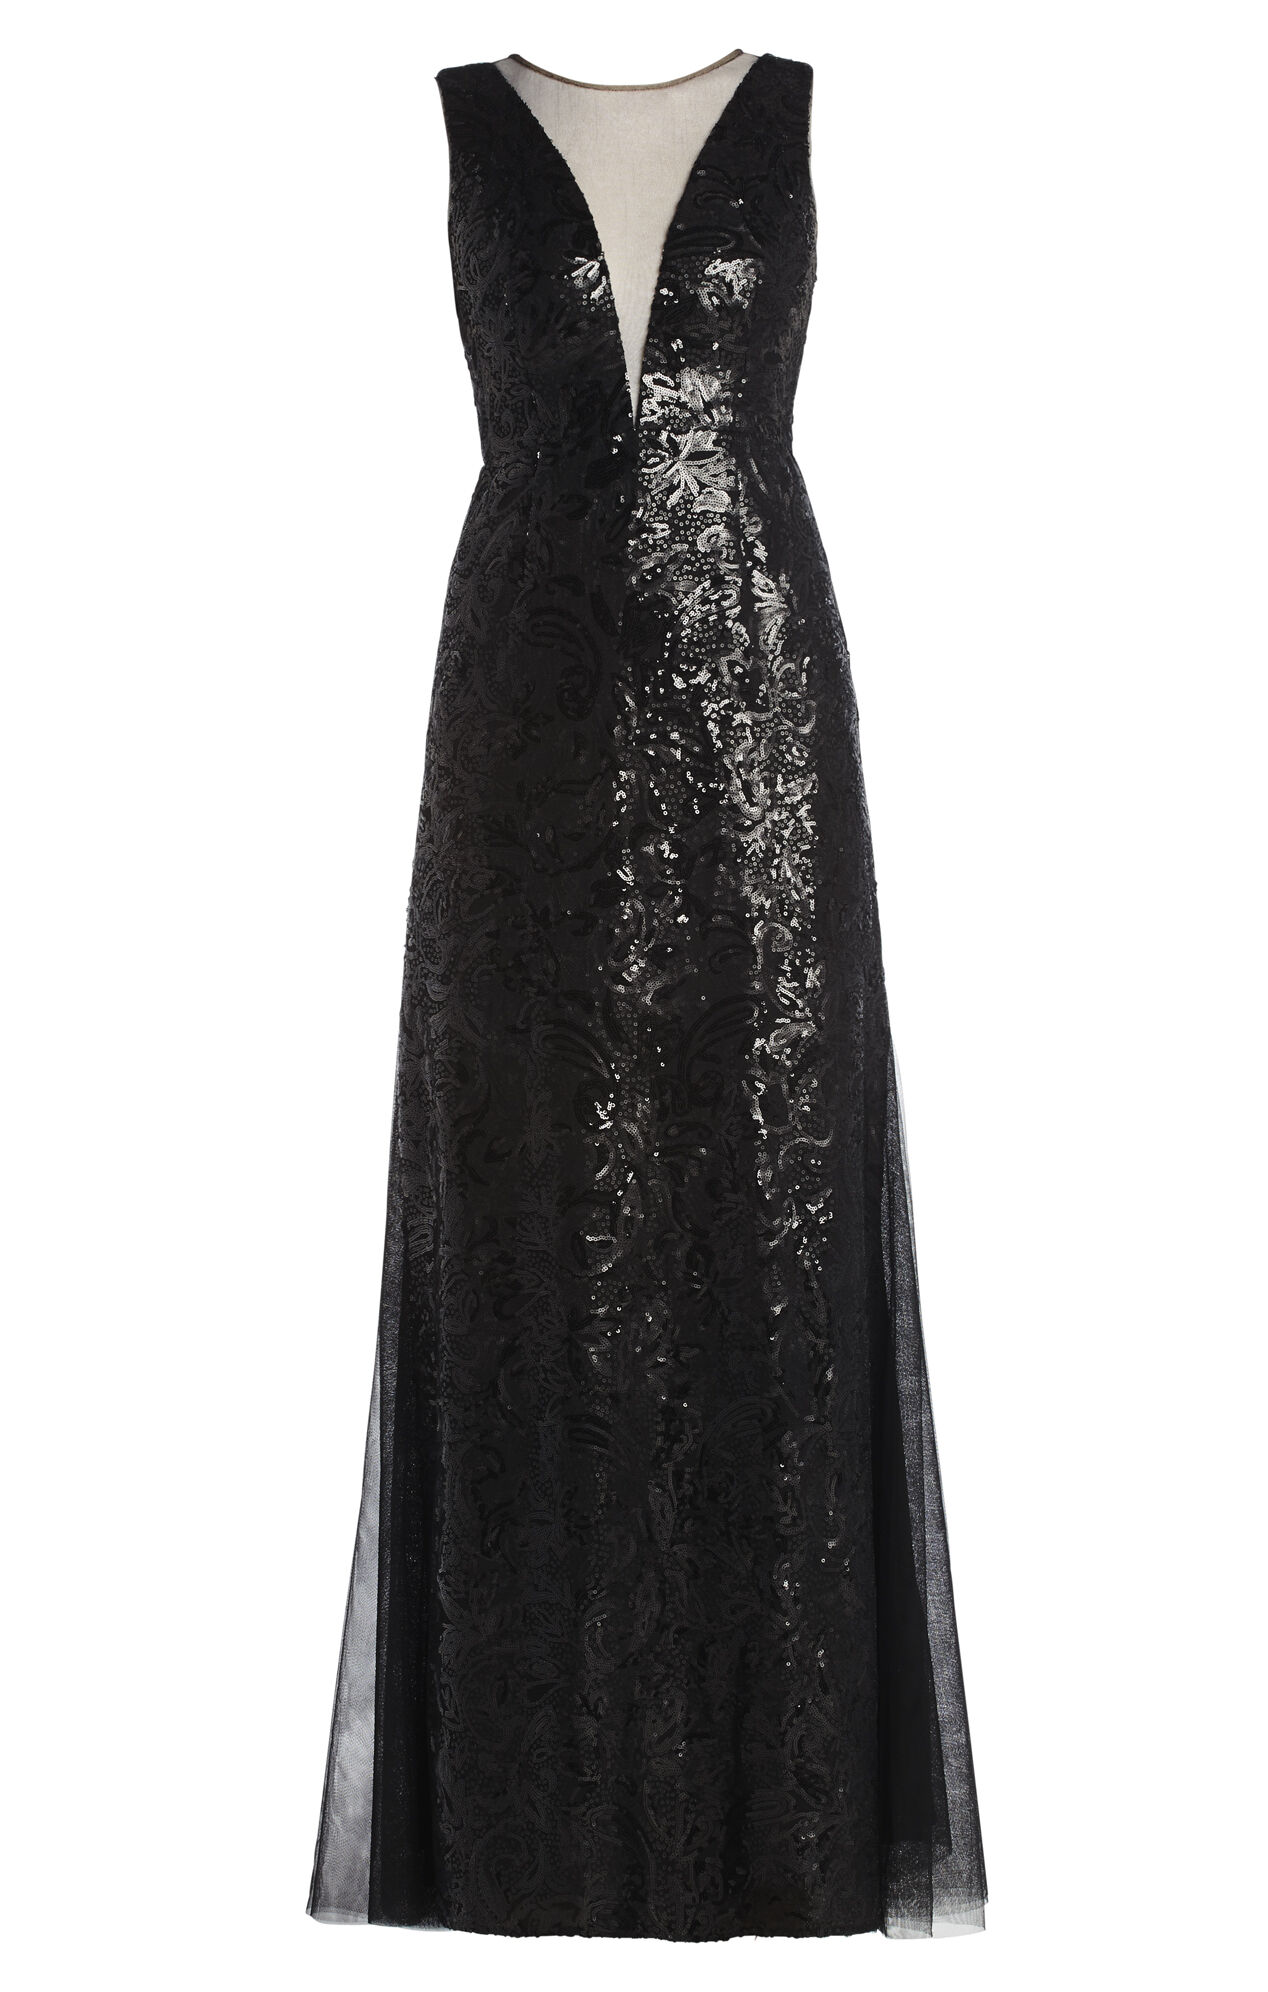 Evette Sleeveless Deep V-Neck Dress